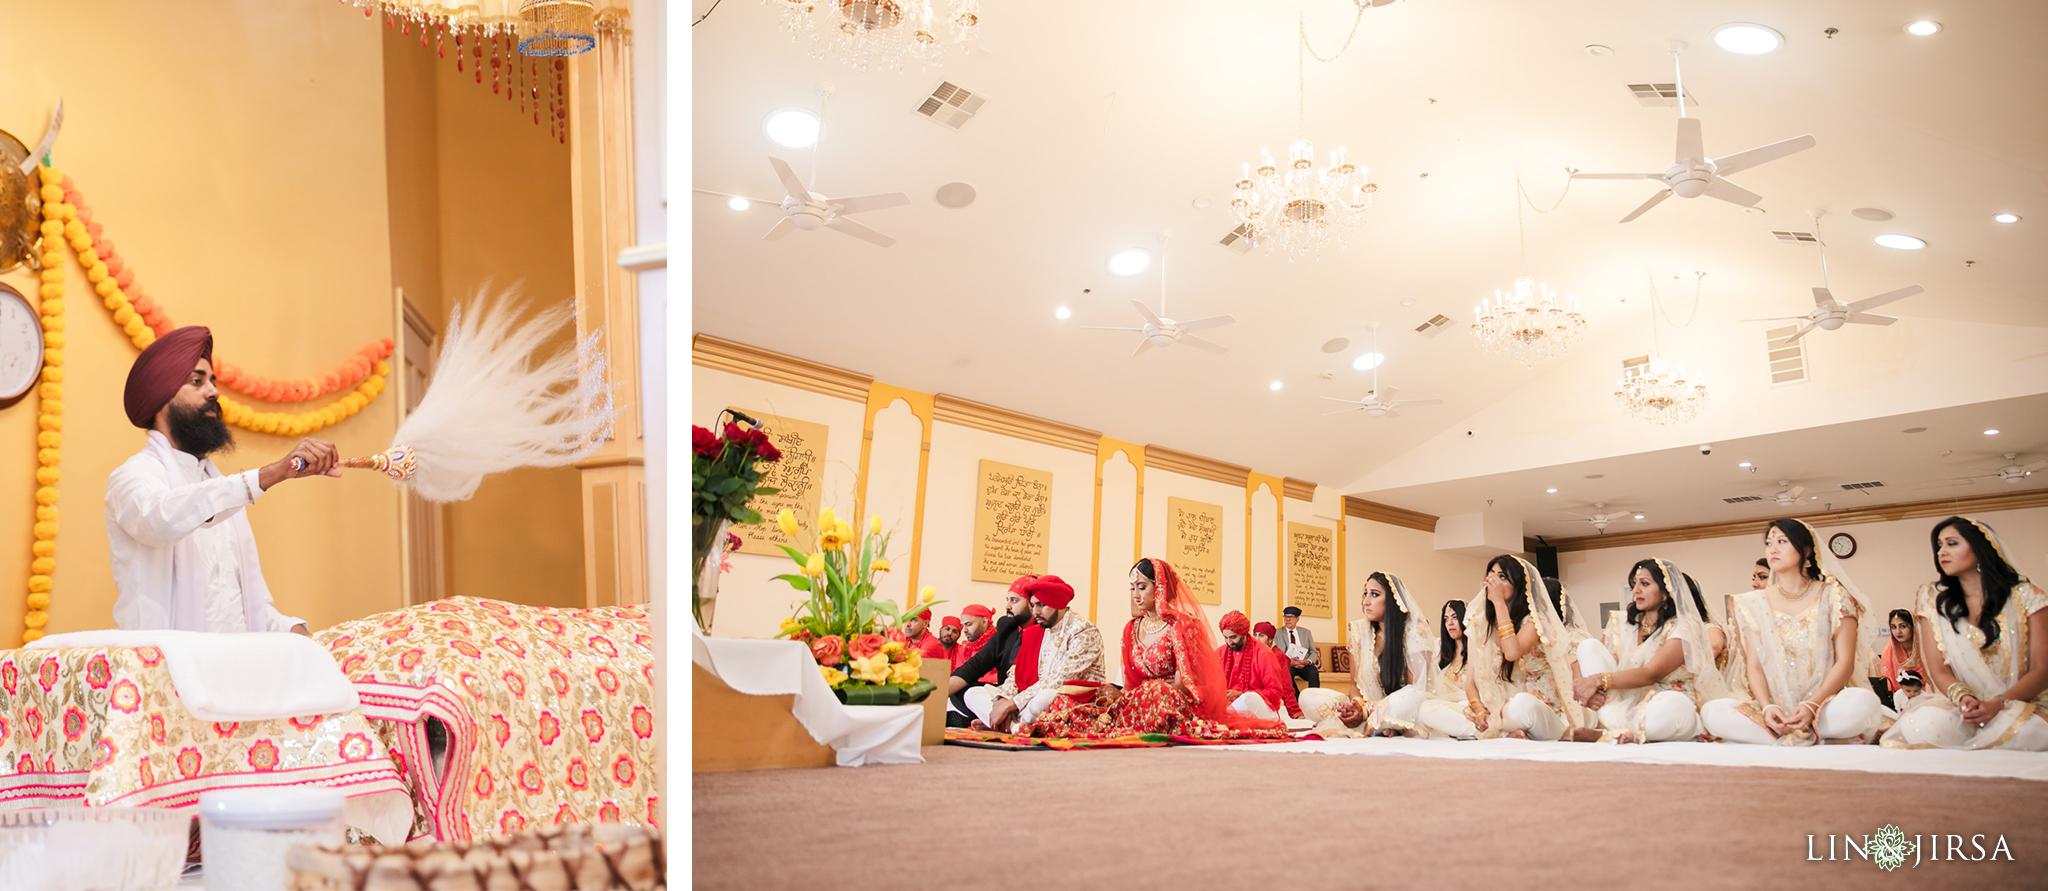 13 Hotel Irvine Punjabi Hindu Indian Wedding Photography